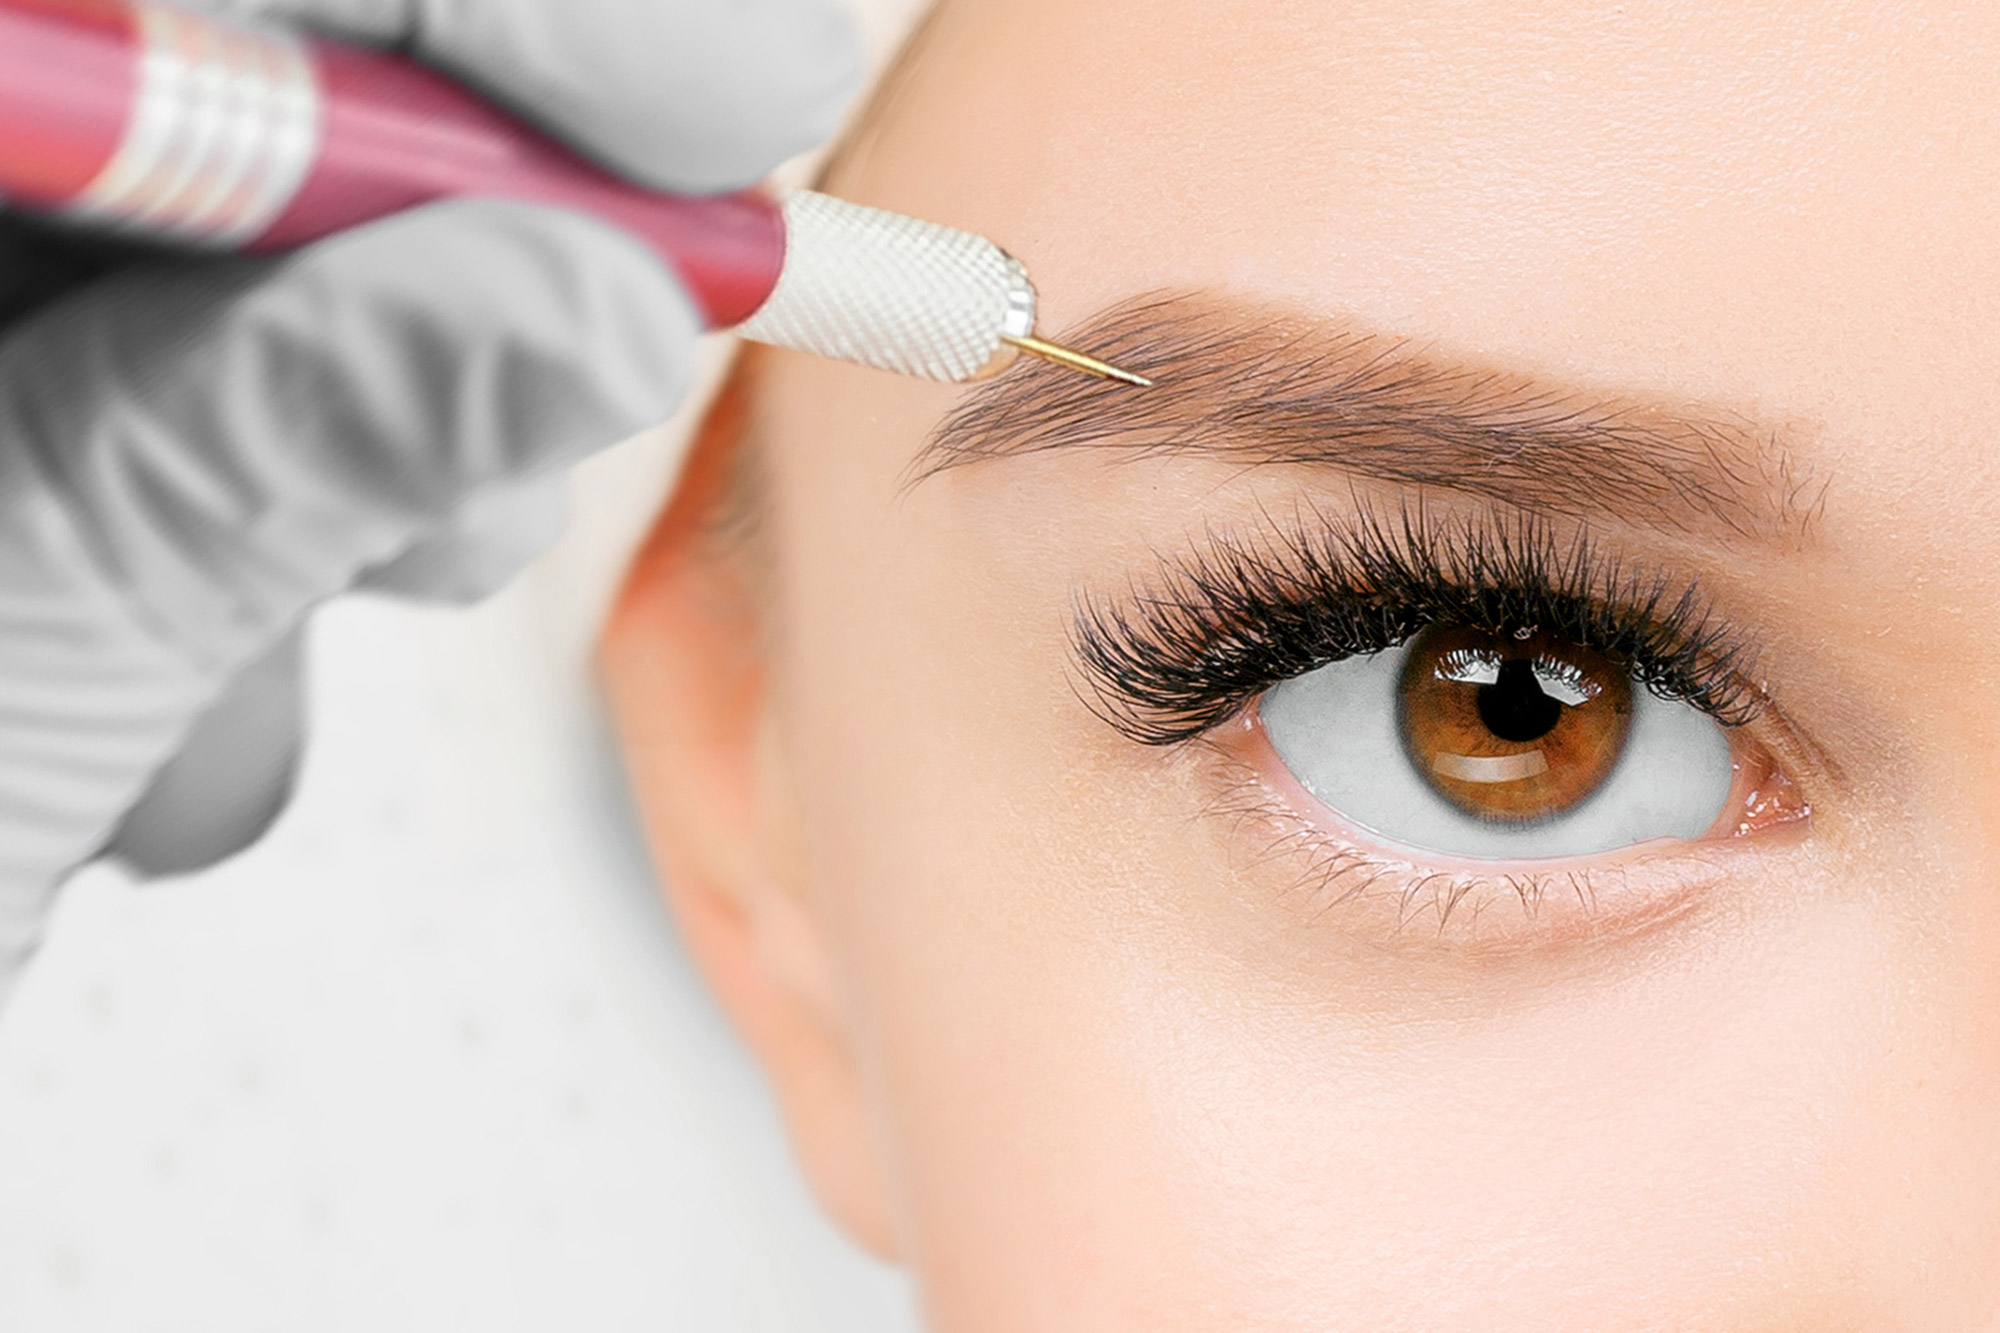 Microblading, Todo Lo Que Necesita Saber Sobre El Tratamiento Semipermanente De Cejas